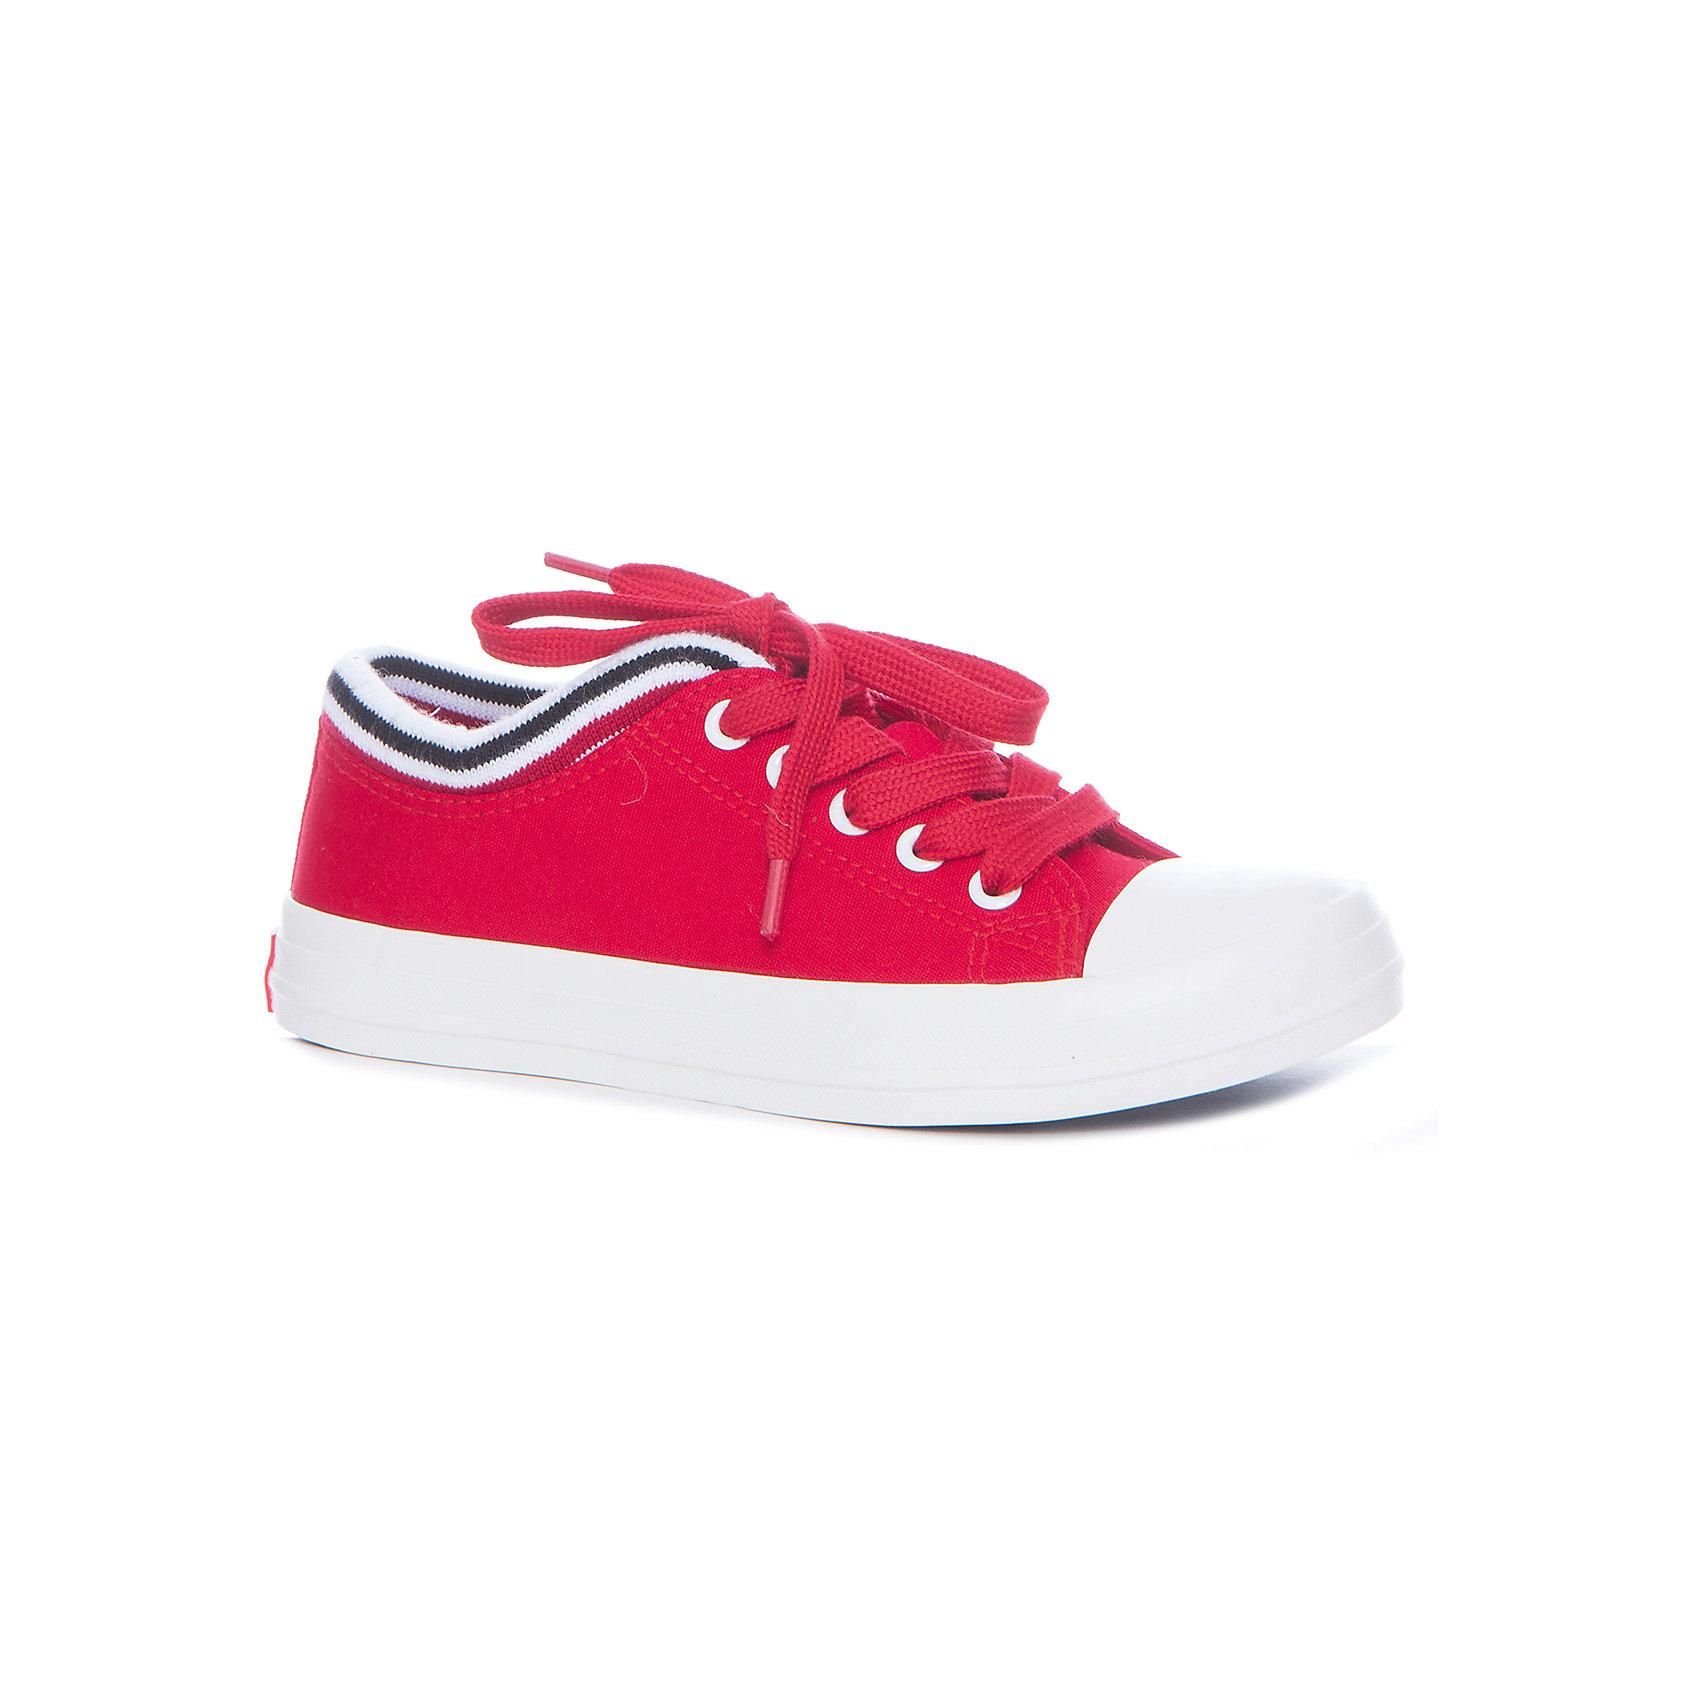 Кеды для девочки KEDDO, красныйКеды<br>Характеристики товара:<br><br>• цвет: красный<br>• материал верха: текстиль<br>• стелька: текстиль<br>• подошва: резина<br>• сезон: демисезон<br>• спортивный стиль<br>• температурный режим: от +10°до +20°С<br>• застежка: шнурки<br>• легкие<br>• коллекция: весна-лето 2017<br>• страна бренда: Великобритания<br>• страна производства: Китай<br><br>Стильные легкие кеды удобно сидят на ноге и позволяют ногам дышать. <br><br>Обувь от известного бренда KEDDO (Кеддо) уже завоевала популярность у взрослых и детей в нашей стране. <br><br>Модели этой марки - неизменно стильные и удобные, их дизайн отличается оригинальностью и продуманностью. <br><br>Порадуйте ребенка комфортными и современными вещами от KEDDO! <br><br>Кеды для девочки от британского бренда KEDDO (Кеддо) можно купить в нашем интернет-магазине.<br><br>Ширина мм: 250<br>Глубина мм: 150<br>Высота мм: 150<br>Вес г: 250<br>Цвет: красный<br>Возраст от месяцев: 108<br>Возраст до месяцев: 120<br>Пол: Женский<br>Возраст: Детский<br>Размер: 33,38,34,35,36,37<br>SKU: 5450067